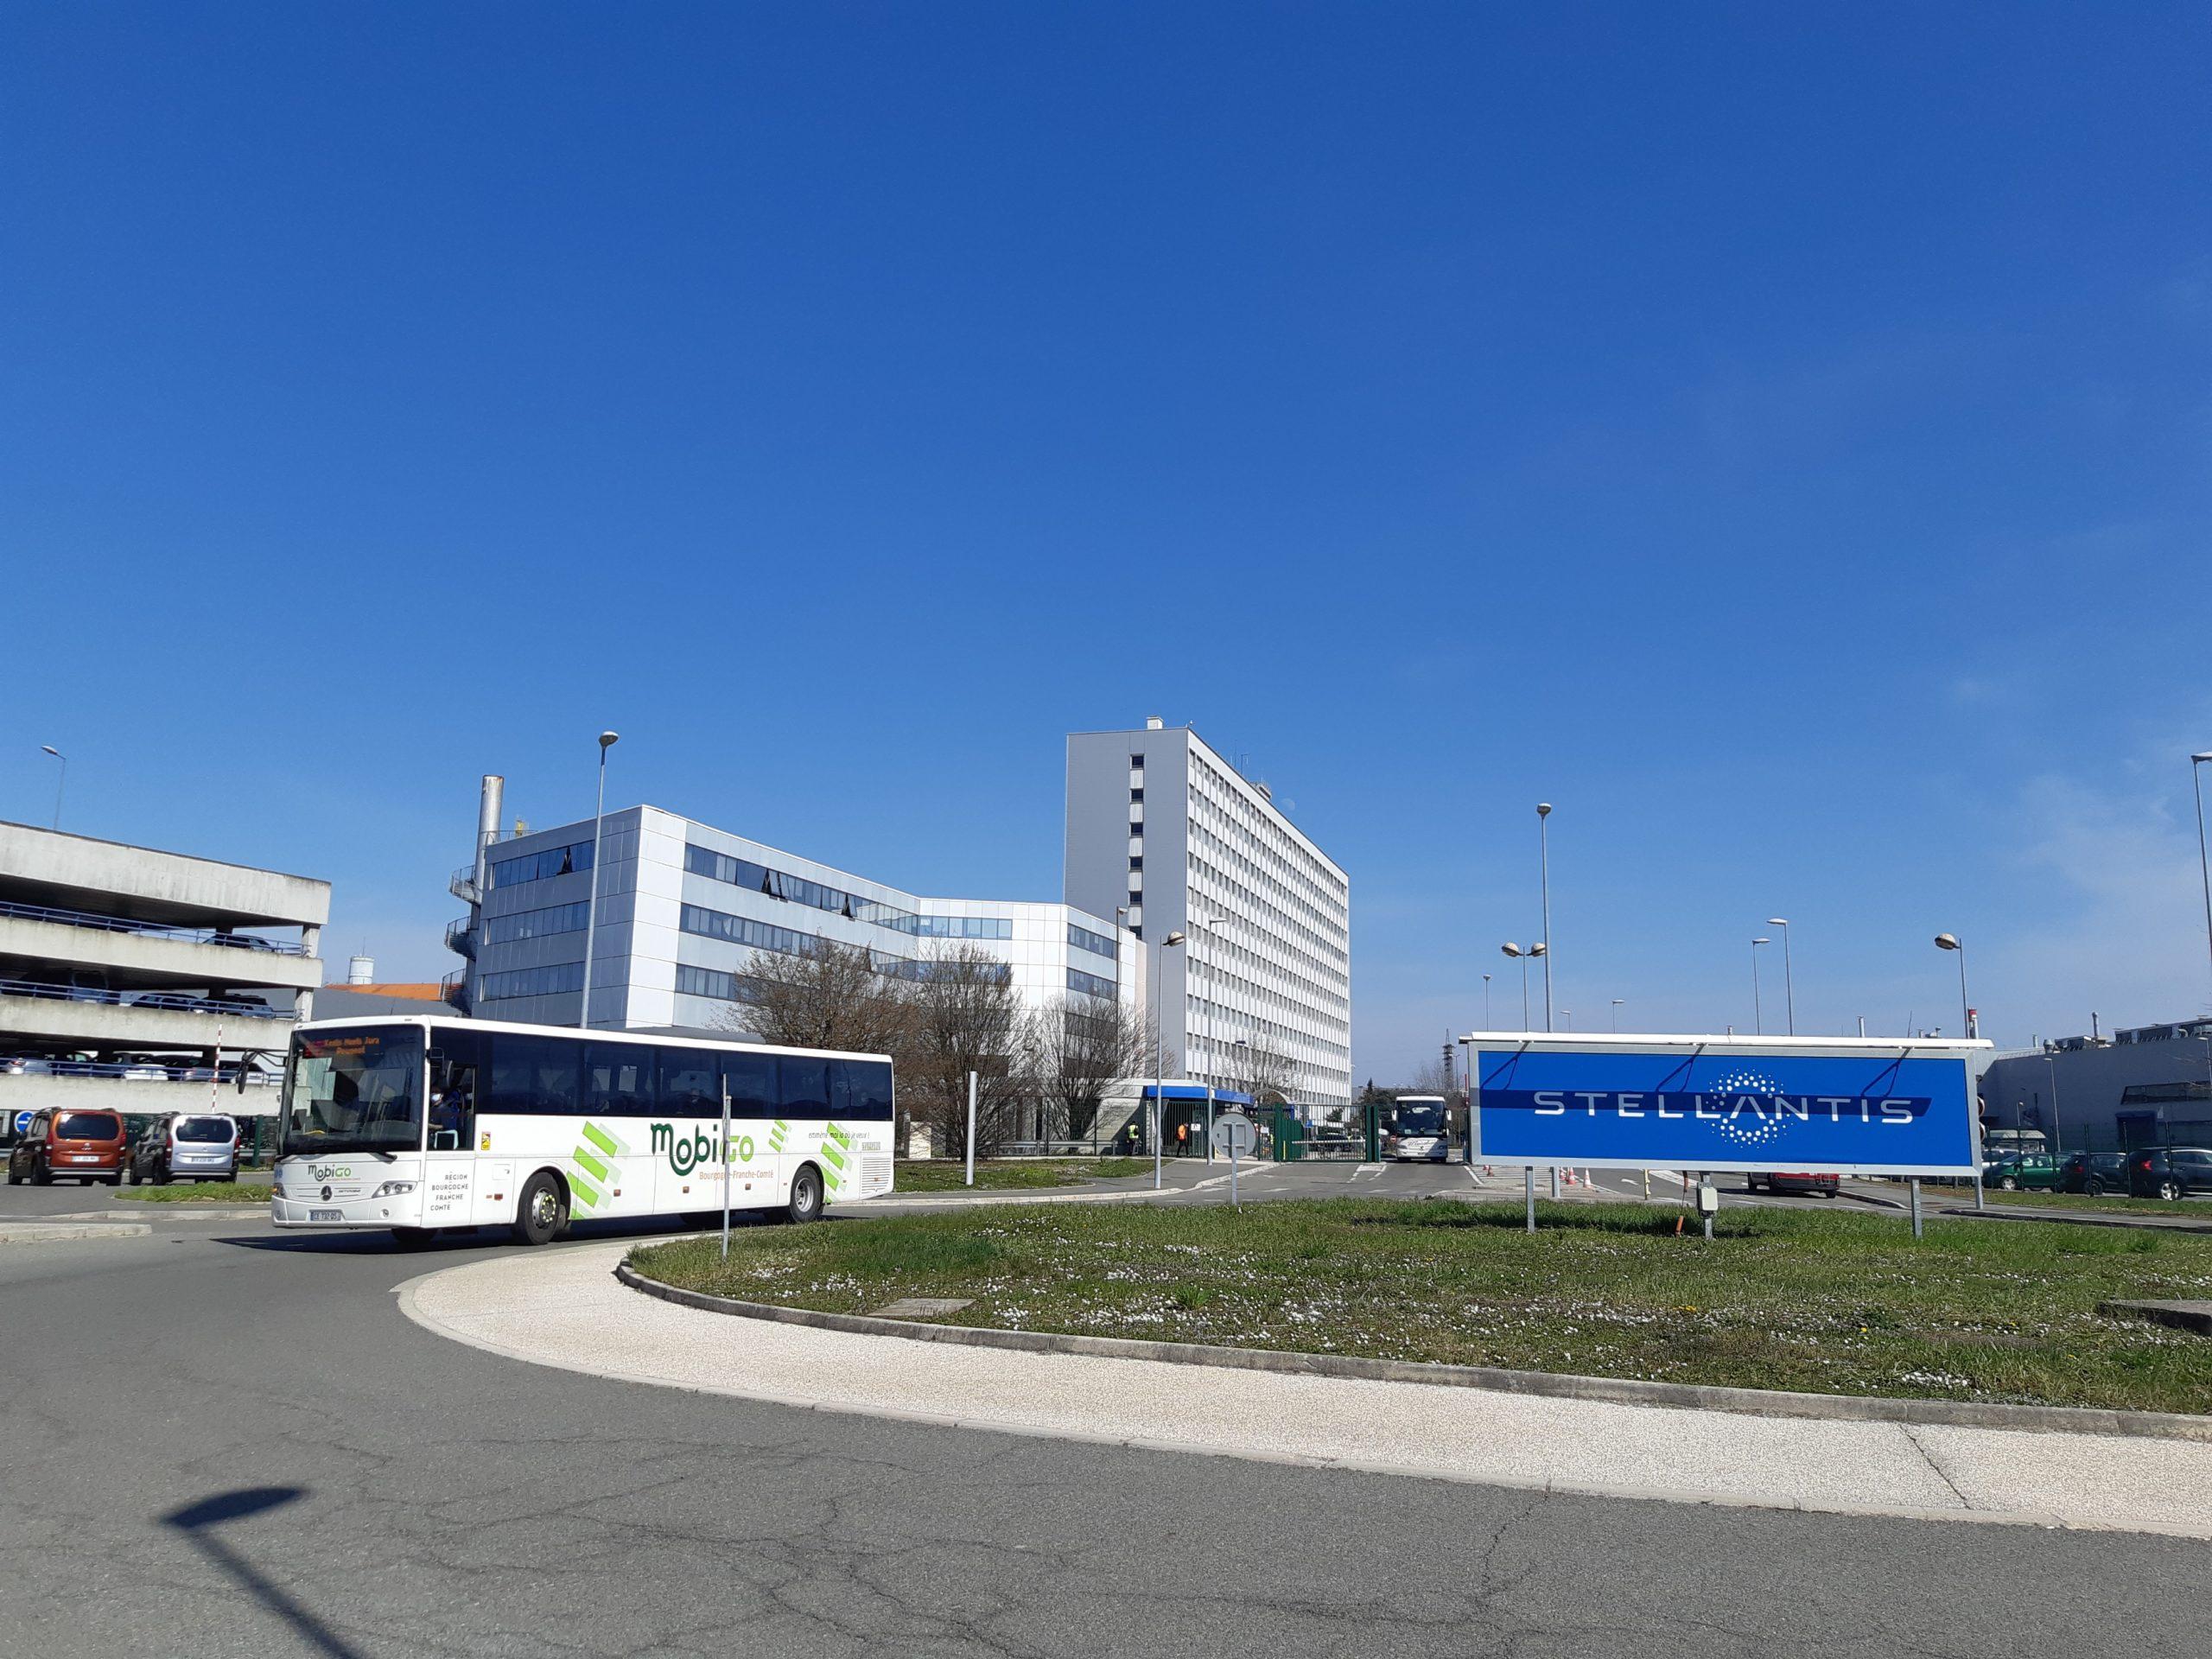 La direction de Stellantis Sochaux va supprimer les transports collectifs dans un avenir proche.